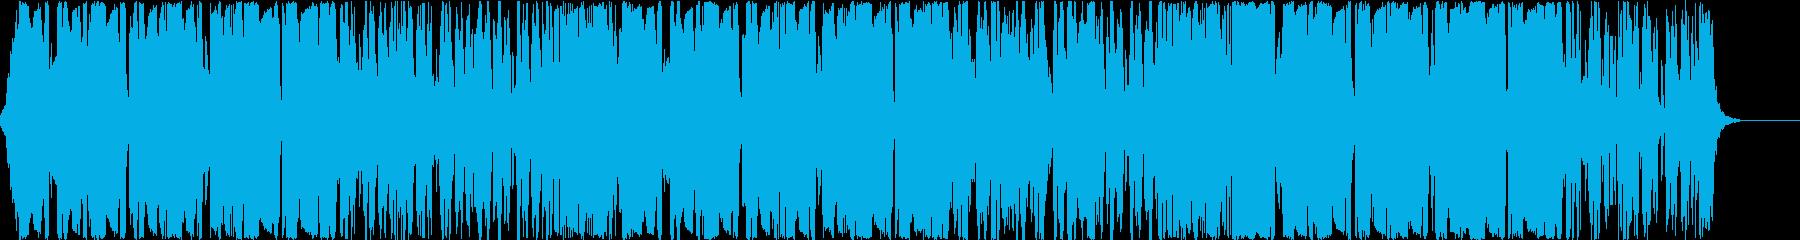 フューチャーベース4、爽やか、おしゃれAの再生済みの波形